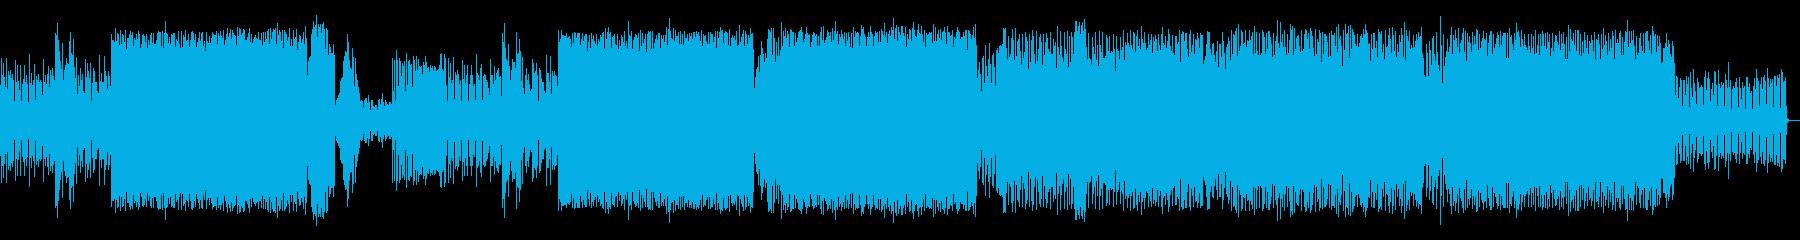 複雑にシンセの音が絡み合ったEDMの再生済みの波形